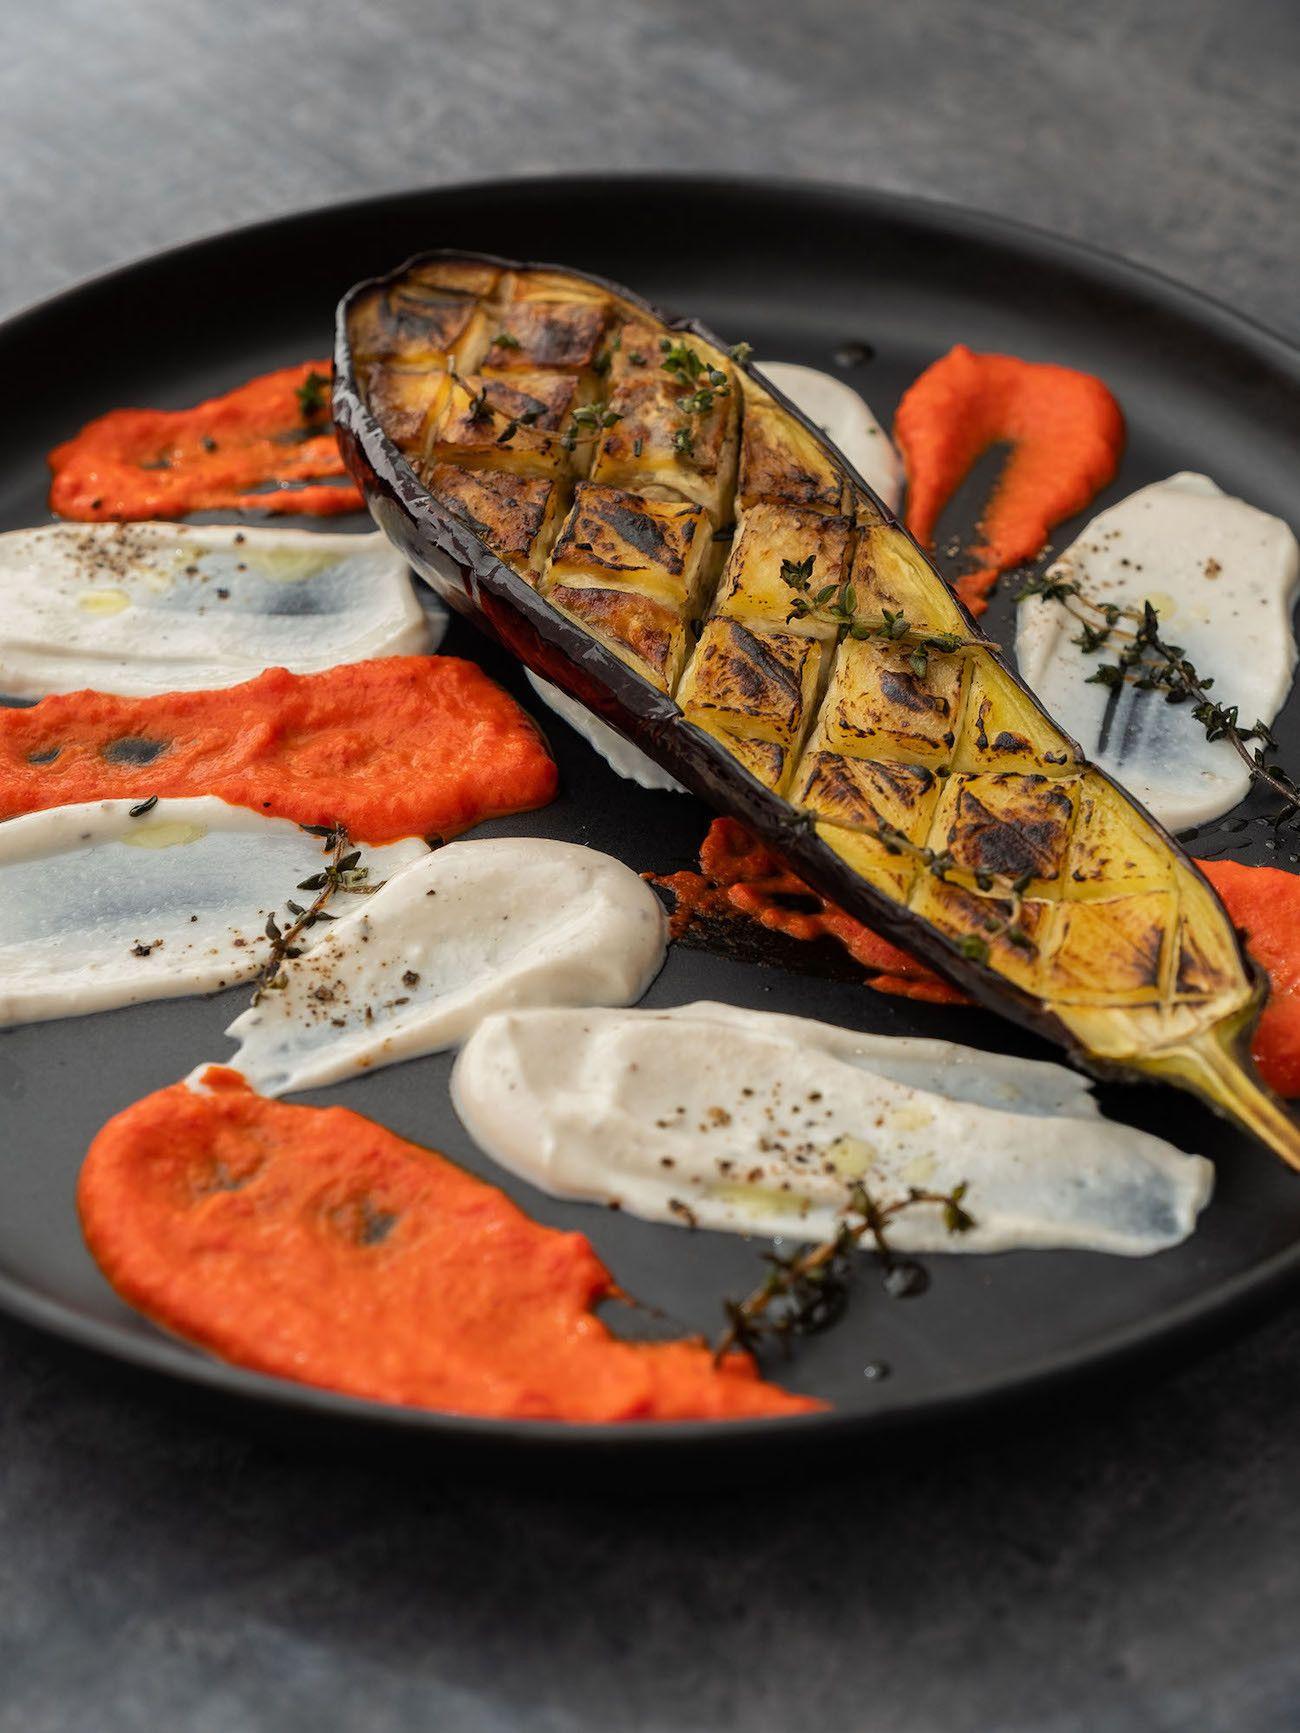 Foodblog About Fuel, Rezept Gegrillte Aubergine mit Joghurt-Tahin Soße und Paprika Dip, Thymian, Teller